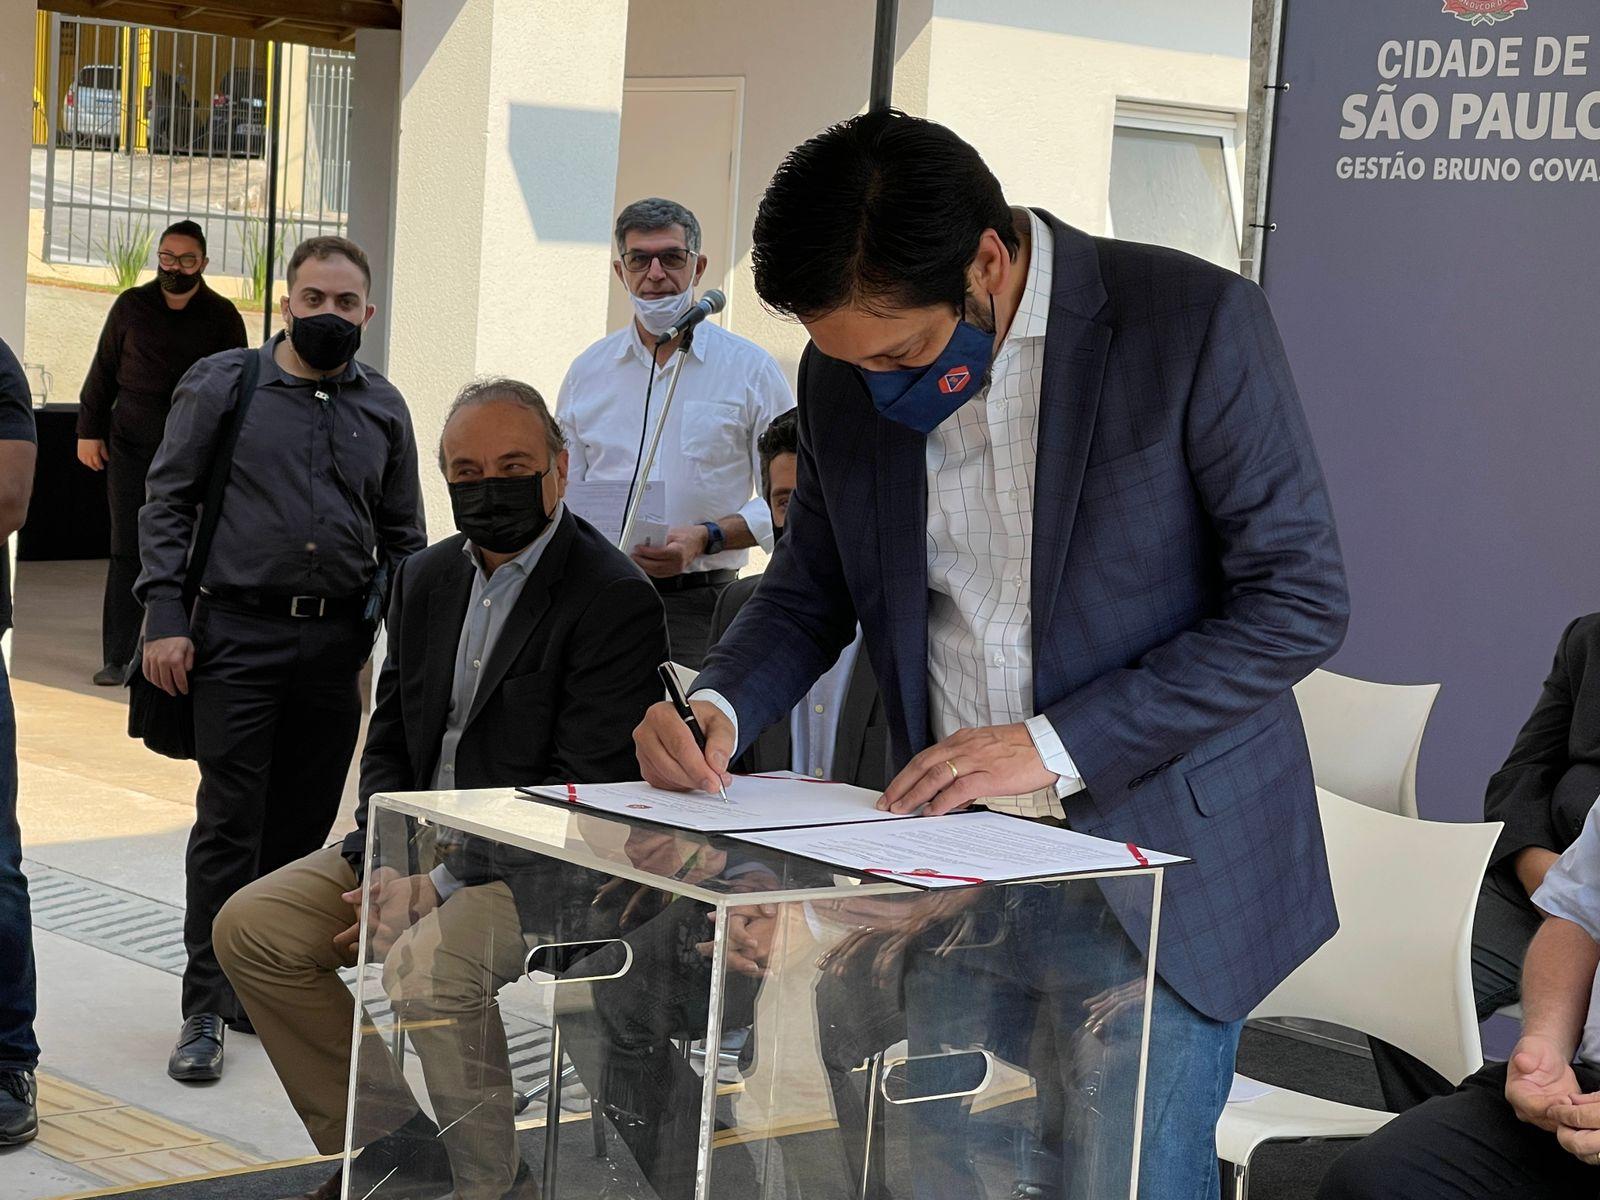 Fotografia do prefeito Ricardo Nunes, no palco, assinando o documento para a lei municipal de habitação do programa Pode Entrar. Pessoas ao fundo.